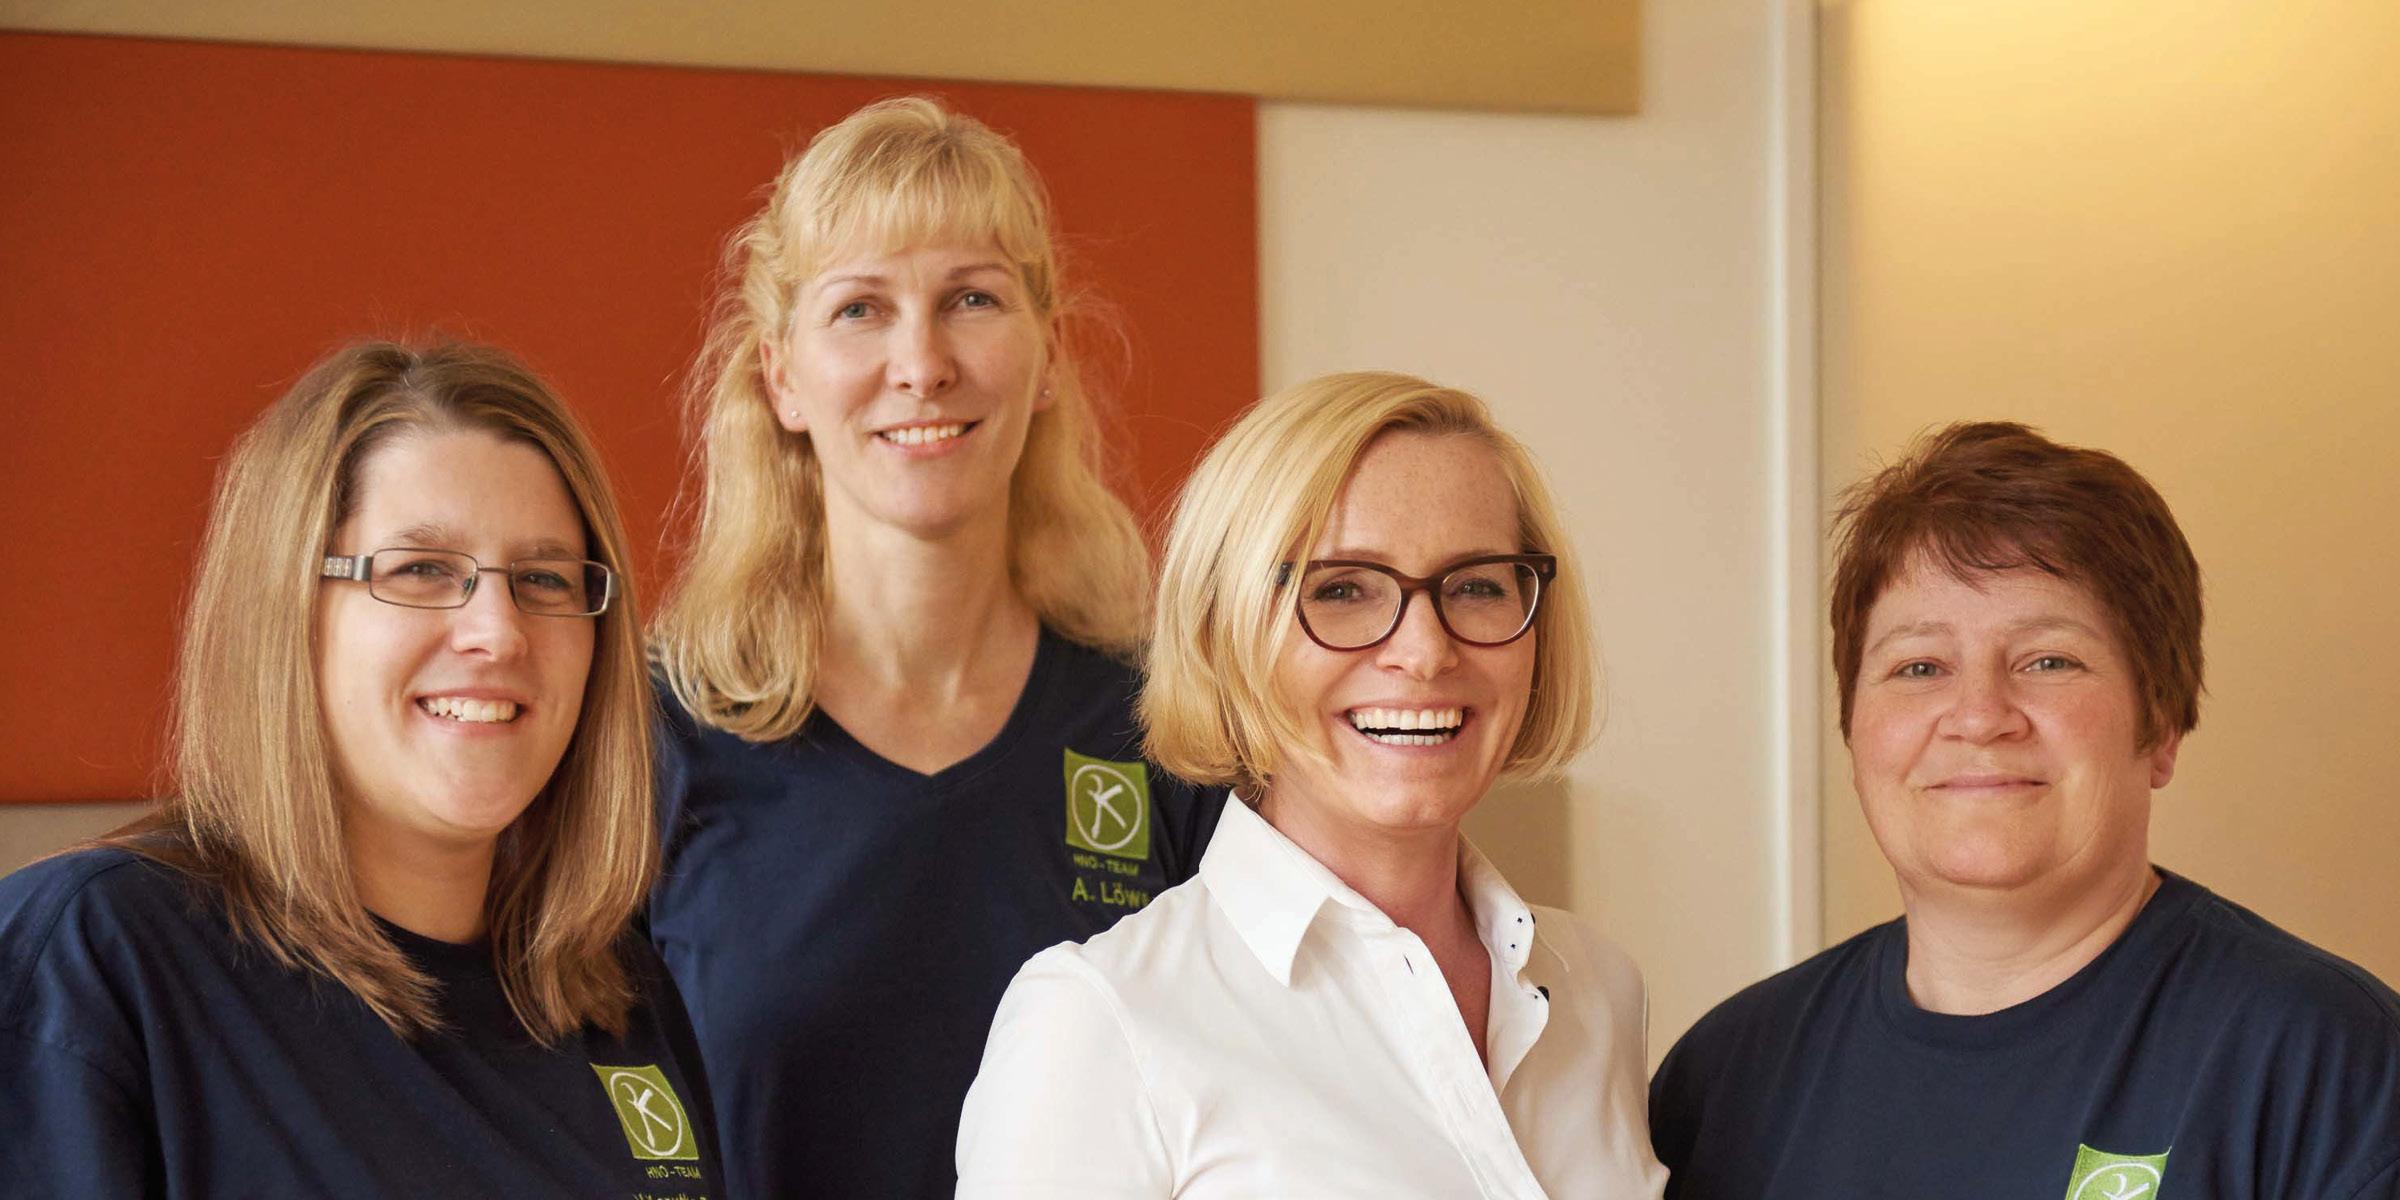 Das Team der HNO Praxis Dr. Brigitte Krug bietet ein breites Behandlungsspektrum und das nicht nur für seine Patienten aus Weinheim, sondern z.B. auch aus Birkenau, Hemsbach, Schriesheim, Heddesheim oder Hirschberg